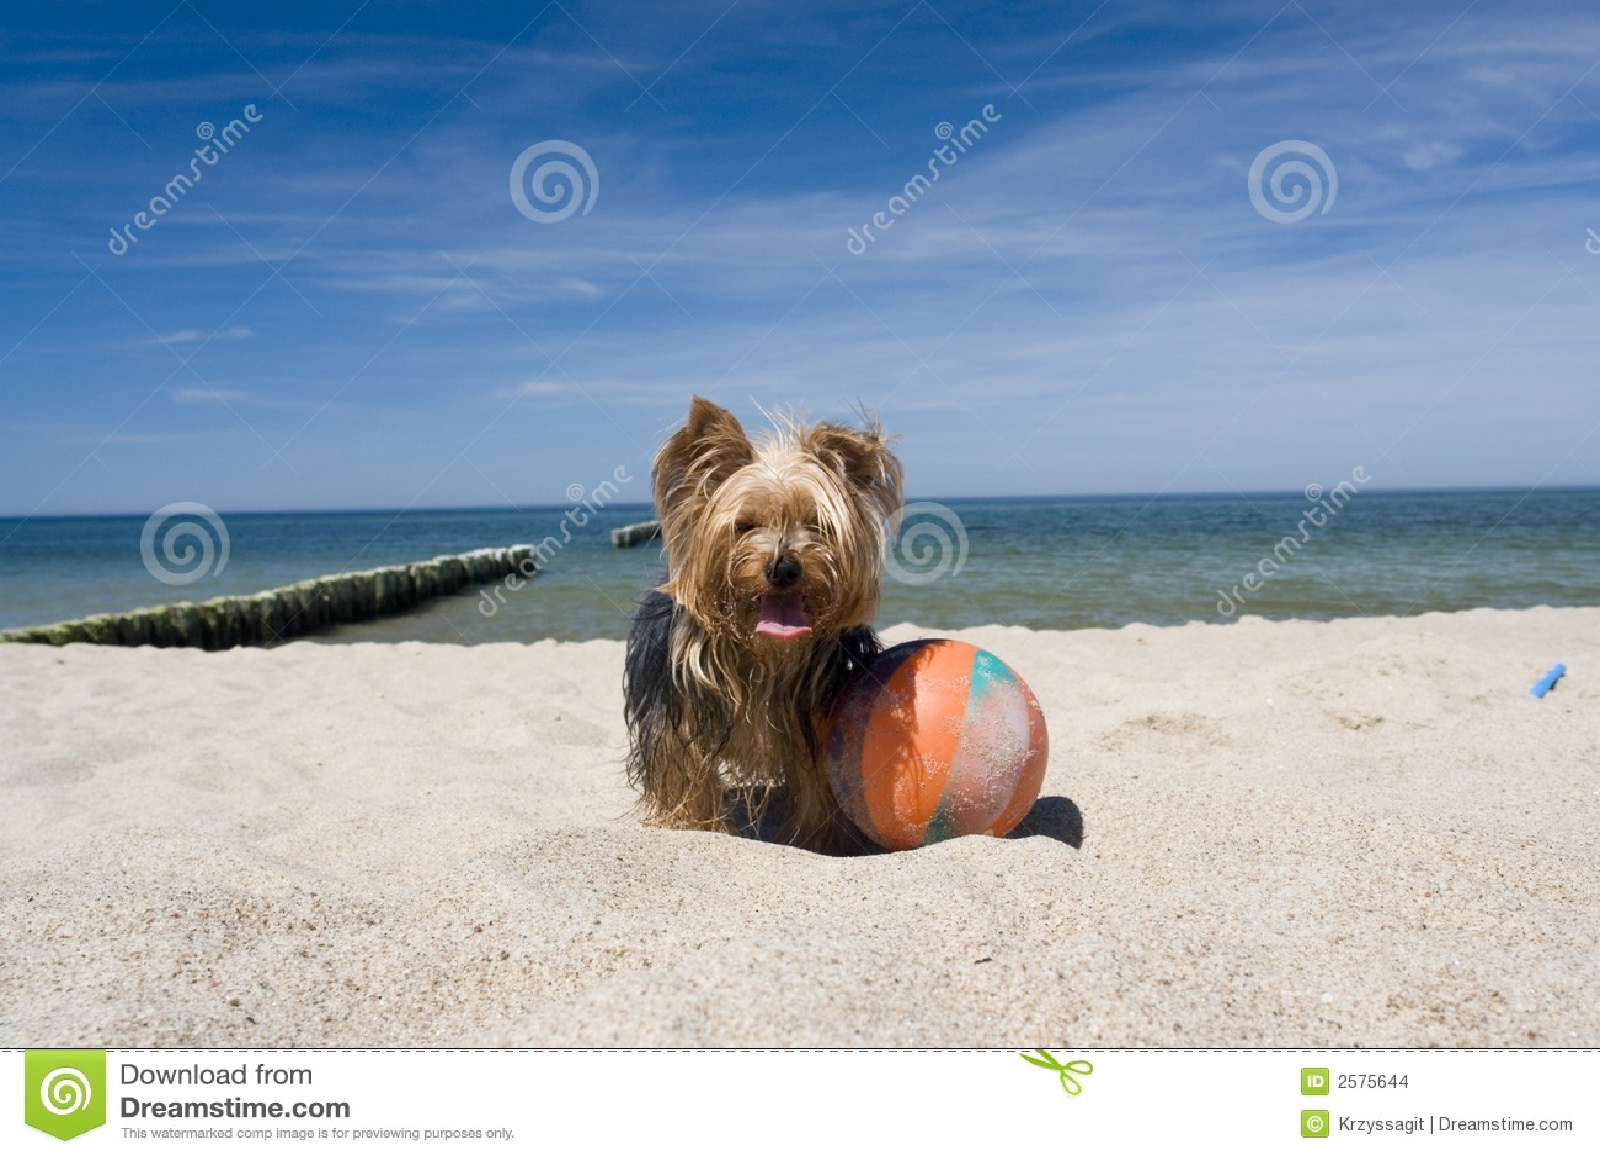 Dog with ball on beach